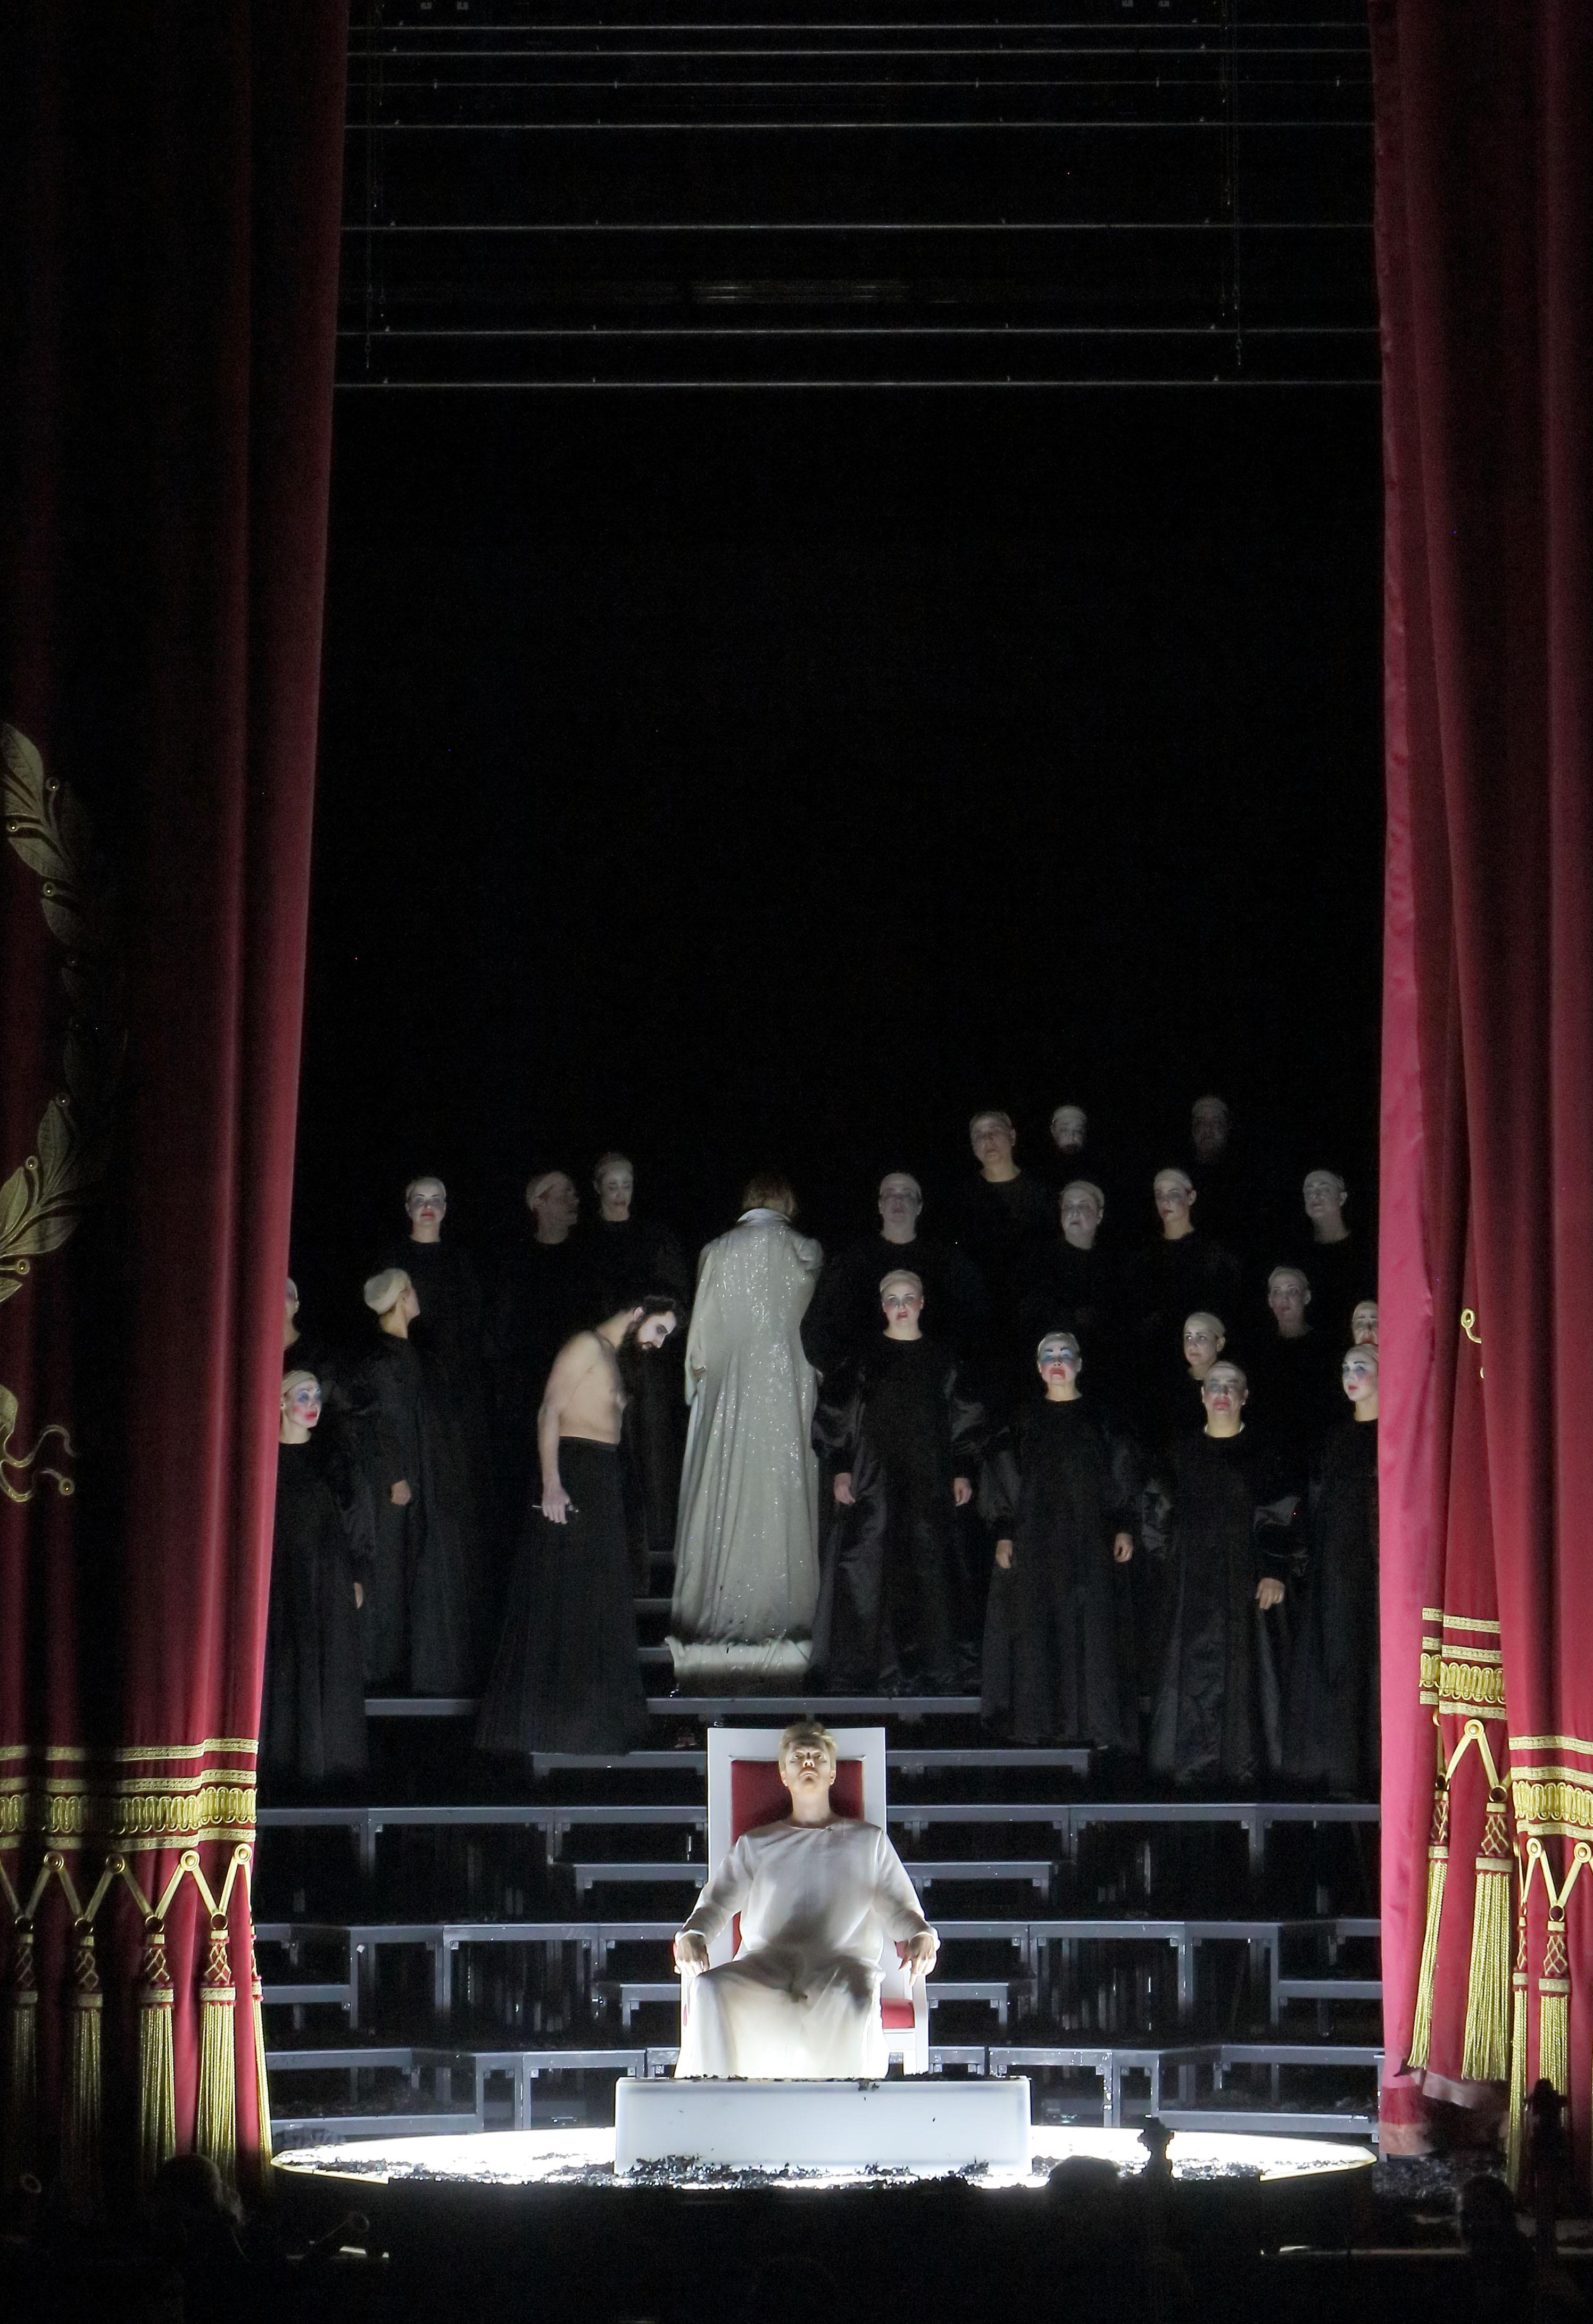 Sortir à Munich : Agenda 2014 des opéras à Munich 15